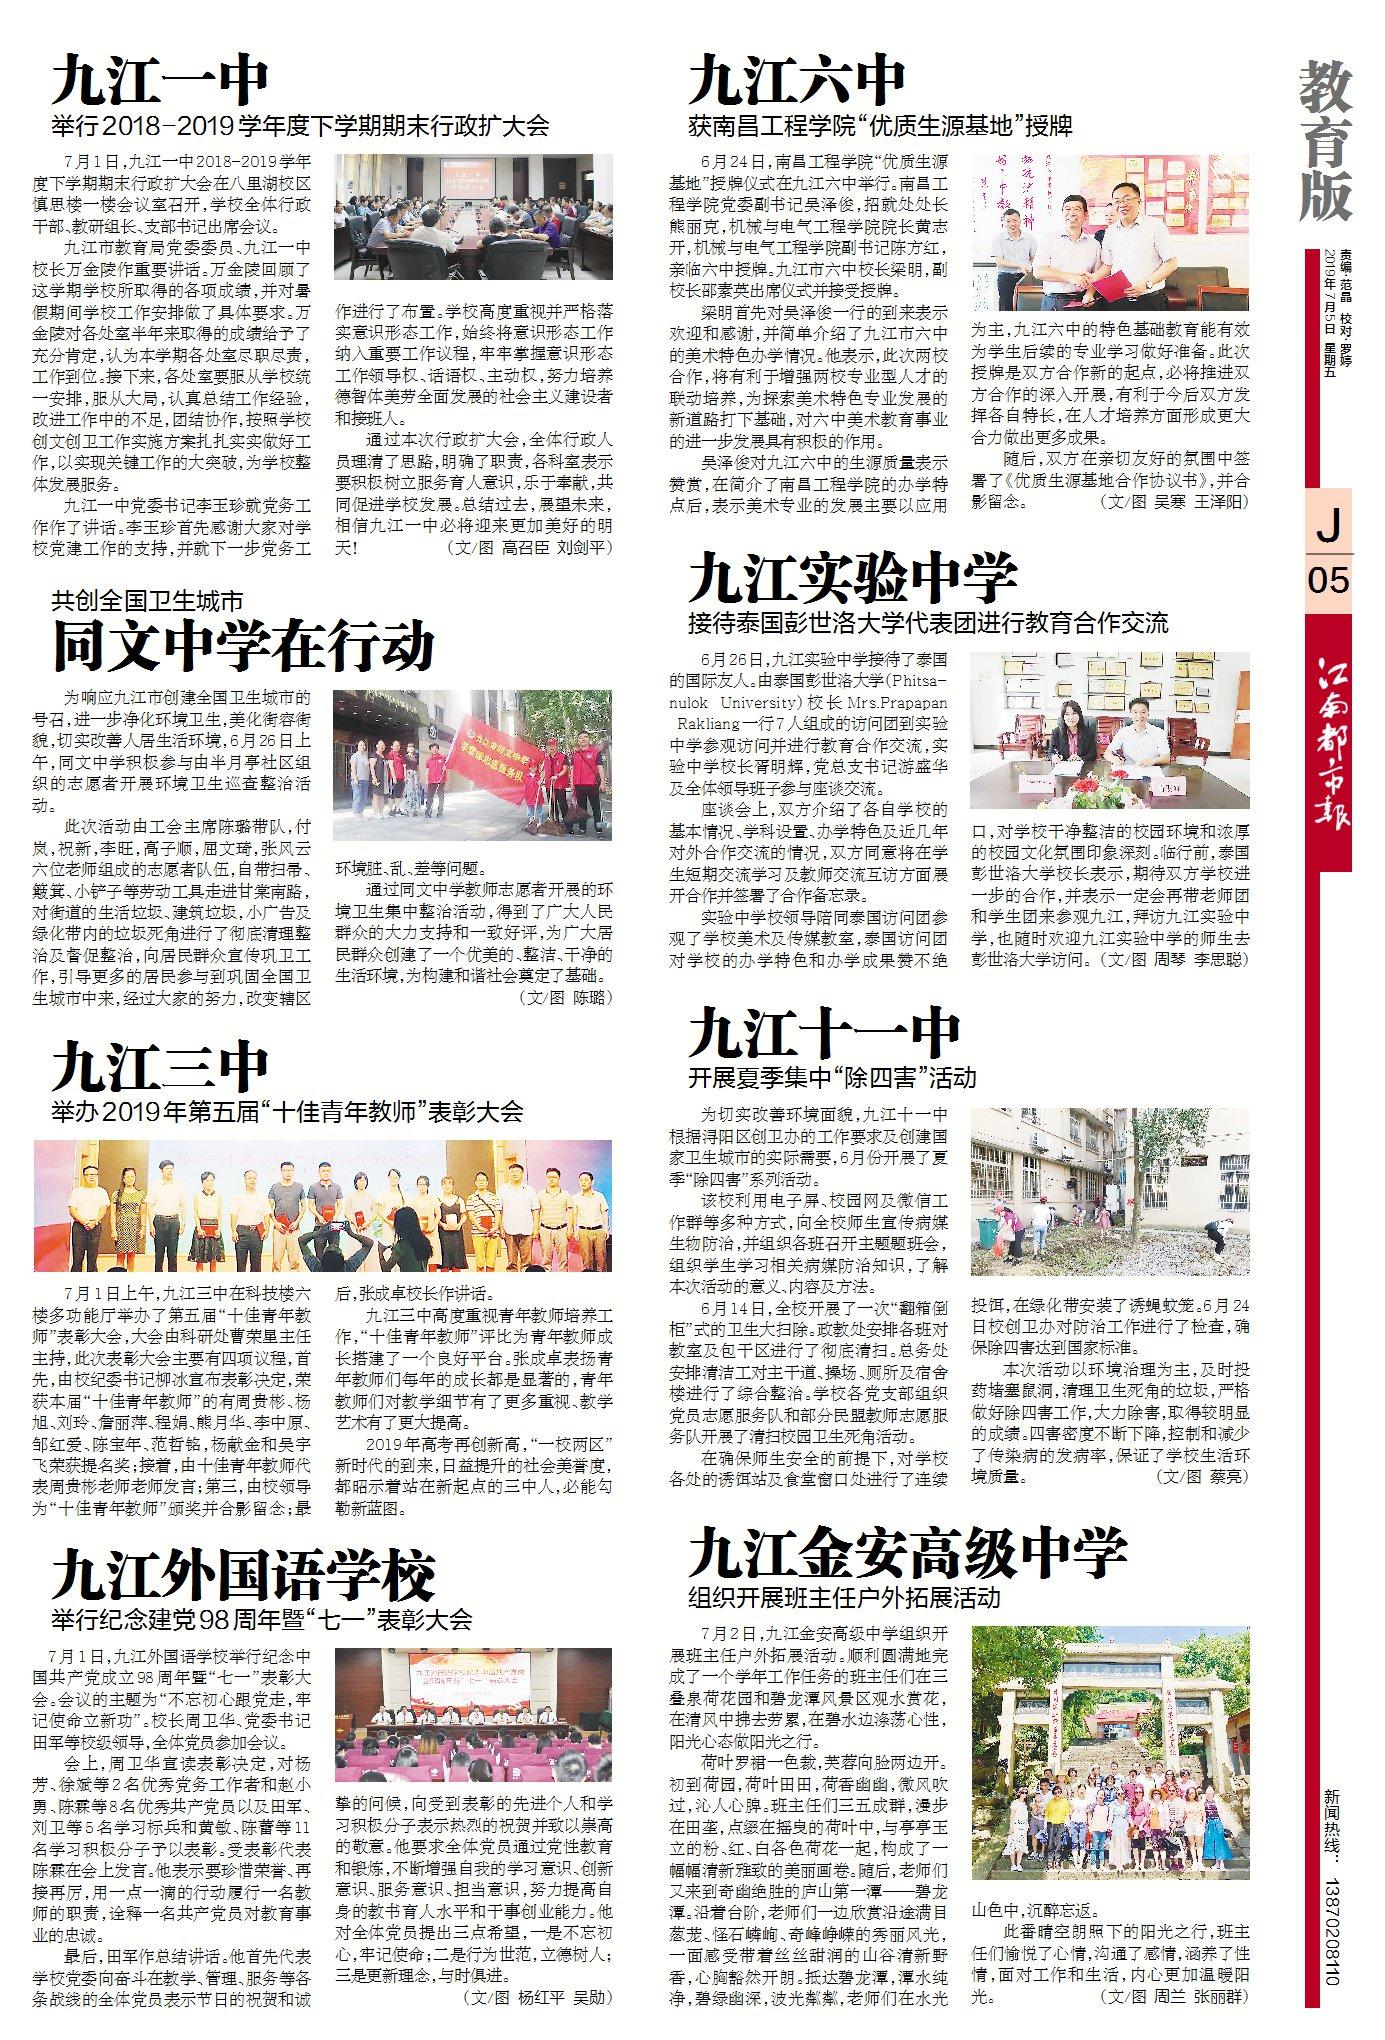 2019年7月5日江南都市报《亚博体育app苹果新闻》教育版